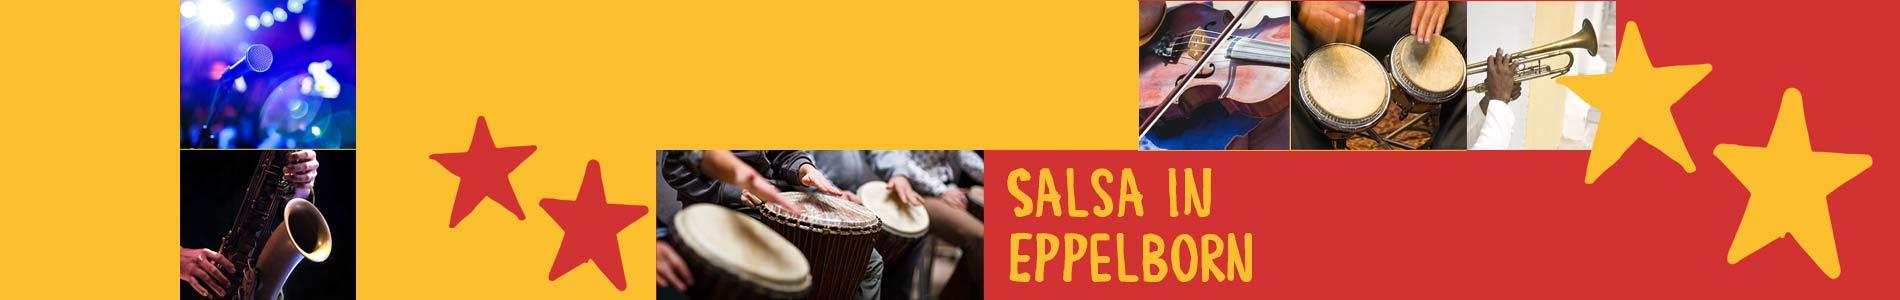 Salsa in Eppelborn – Salsa lernen und tanzen, Tanzkurse, Partys, Veranstaltungen